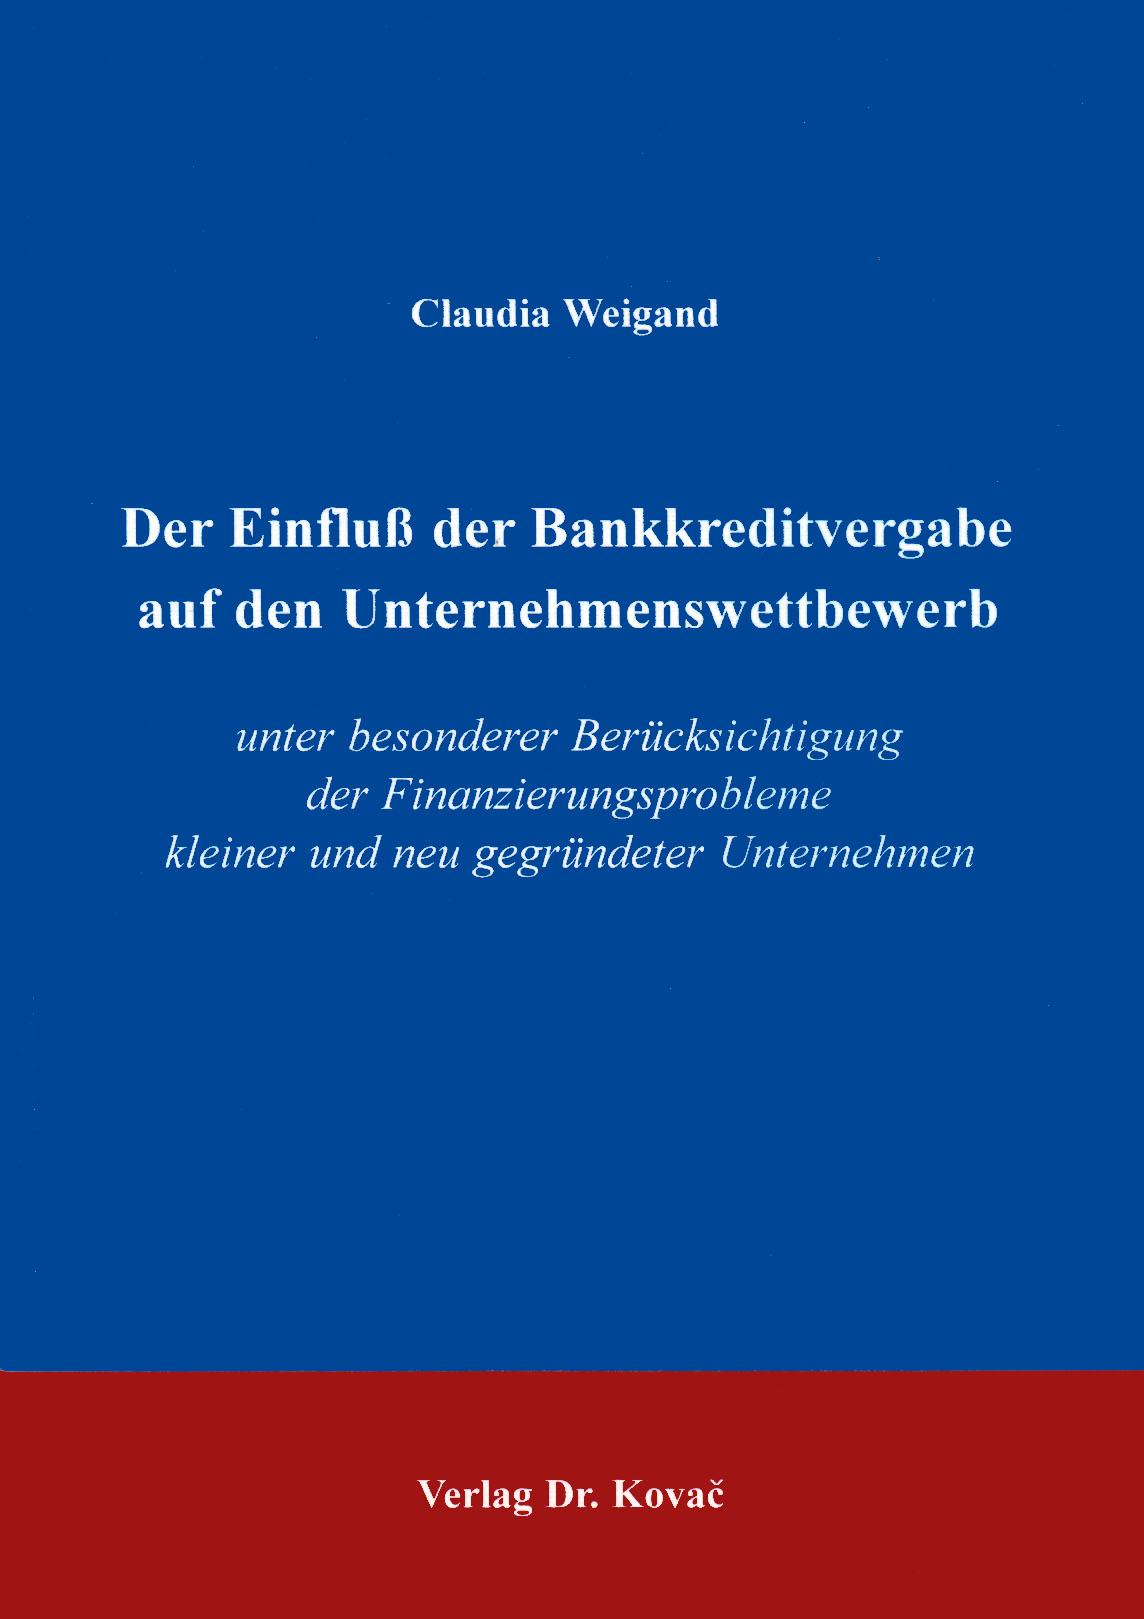 Cover: Der Einfluß der Bankkreditvergabe auf den Unternehmenswettbewerb